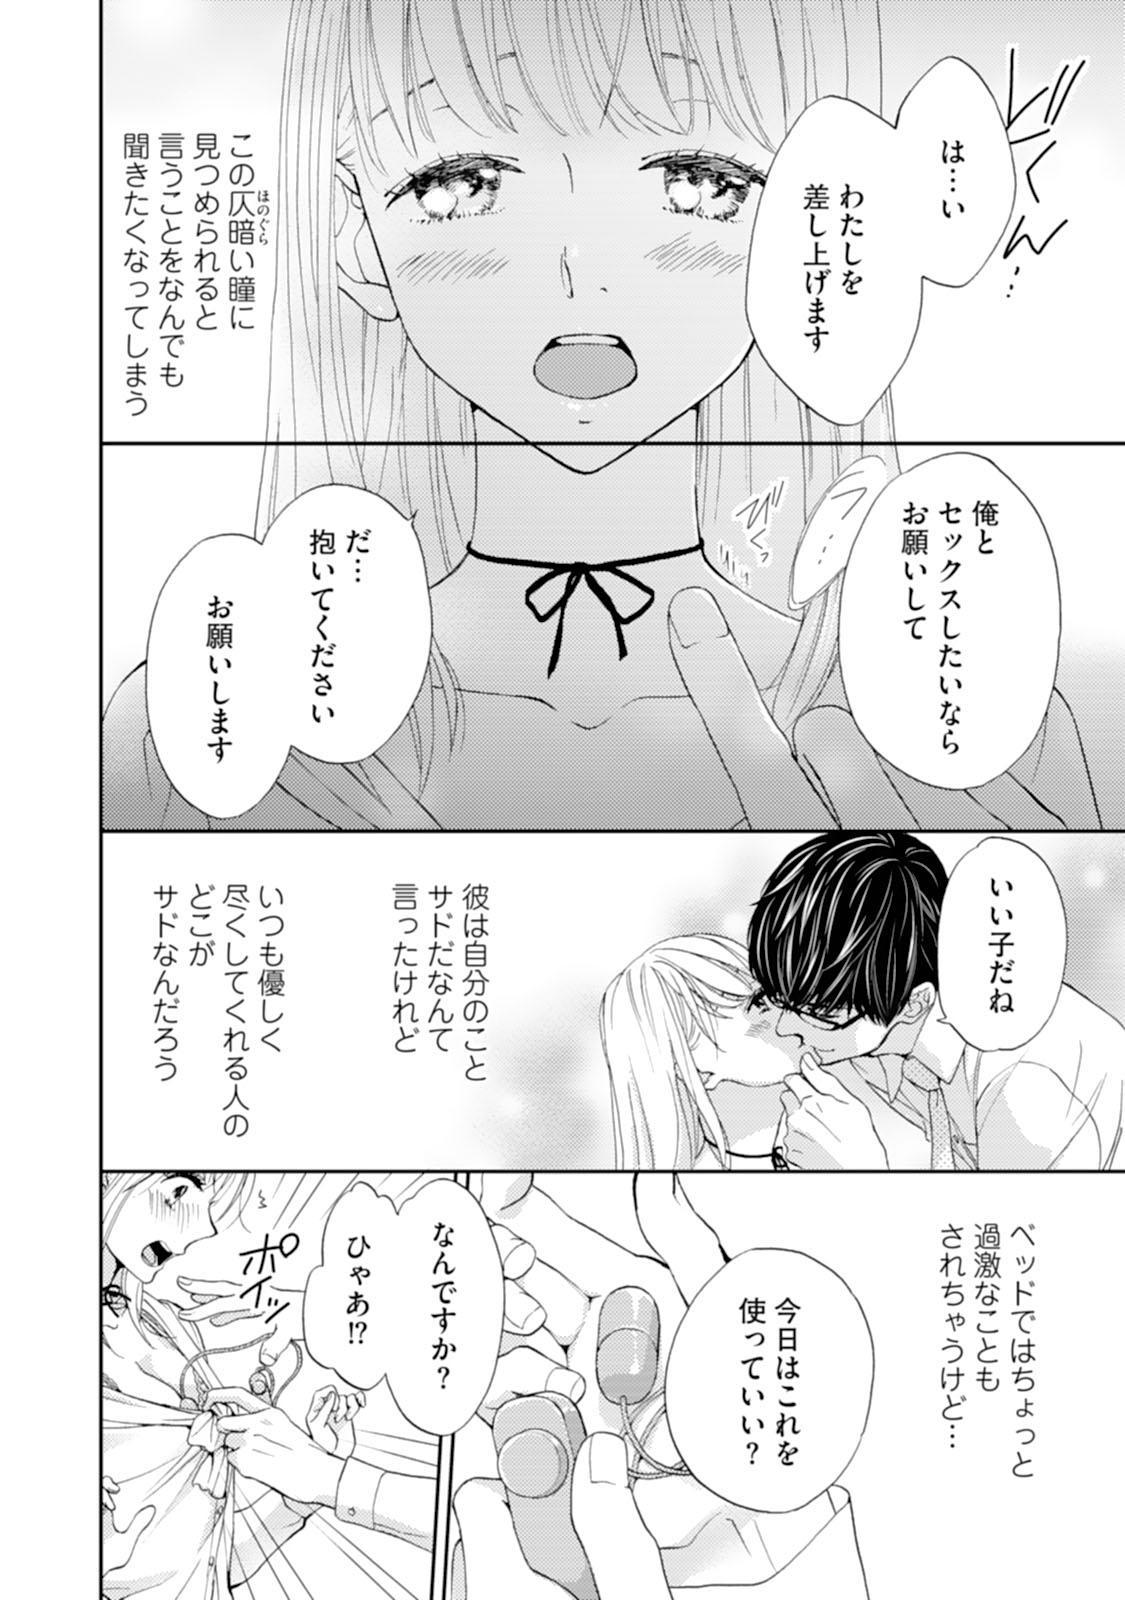 [Adumi Yuu] Choukyou-kei Danshi Ookami-sama to Koneko-chan Ch. 1-3 67